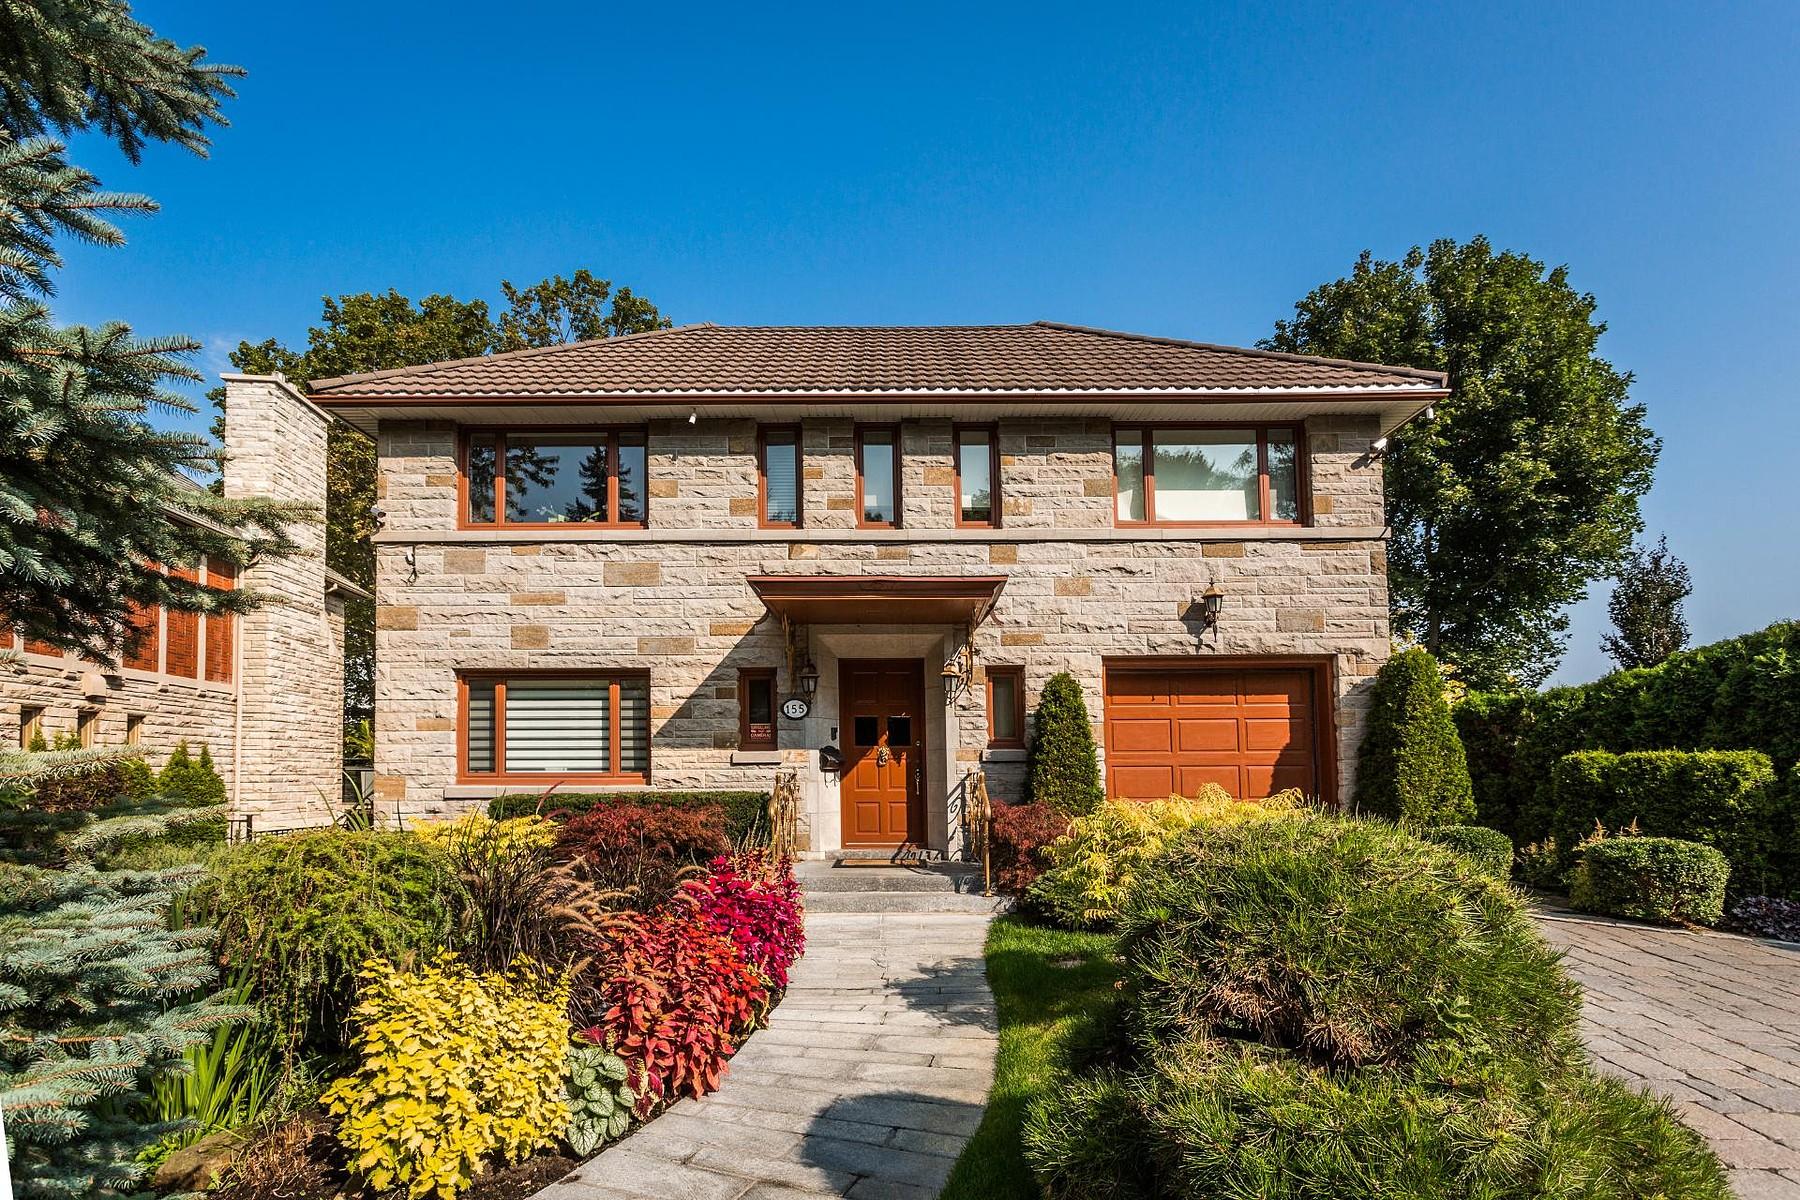 단독 가정 주택 용 매매 에 Outremont, Montréal 155 Av. Maplewood, Outremont, 퀘벡주, H2V2M4 캐나다